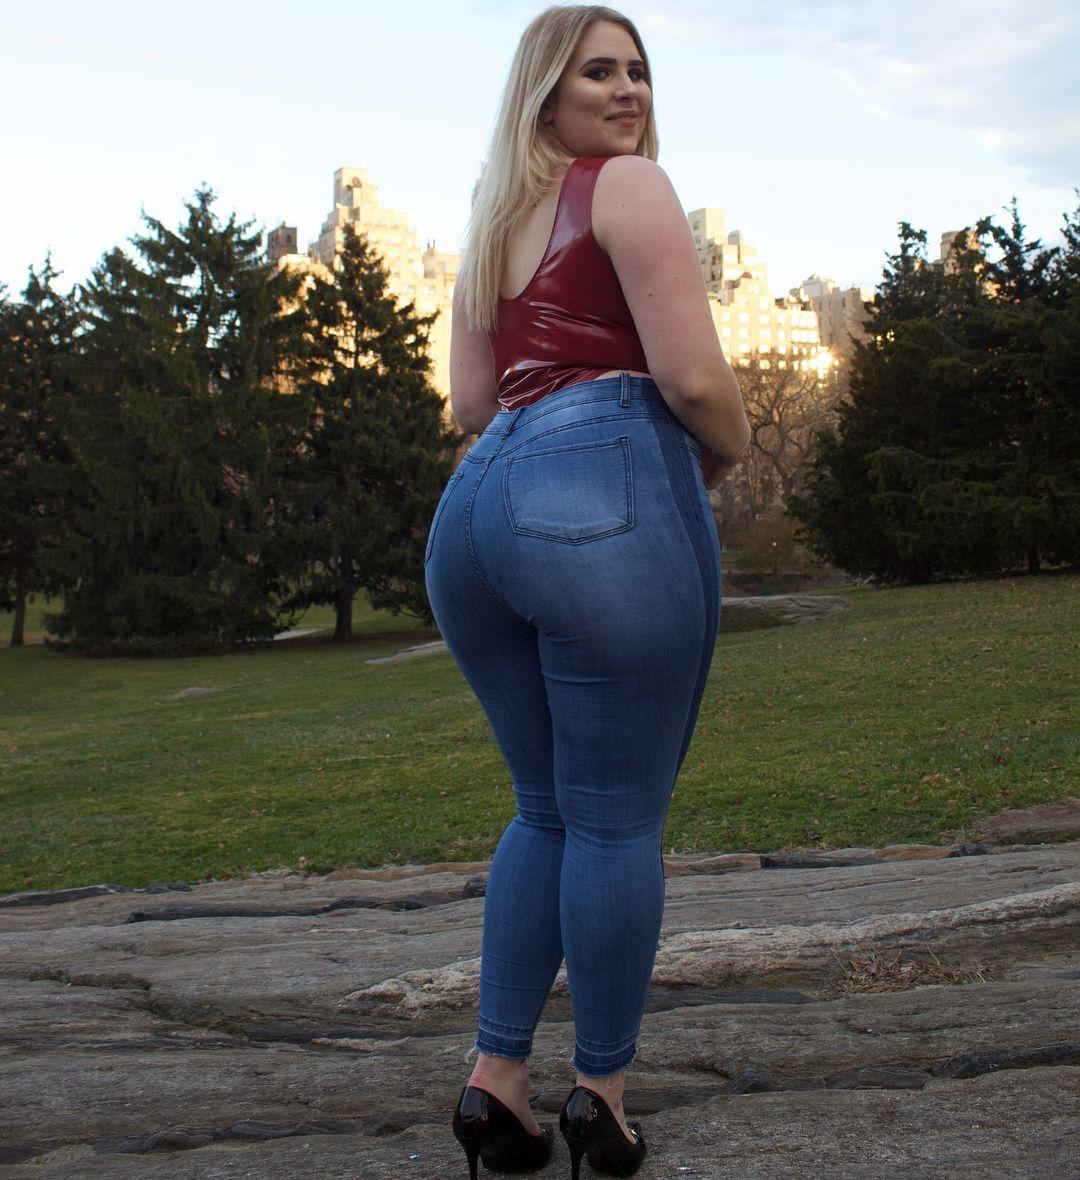 Фото красивых попок толстушек — 15